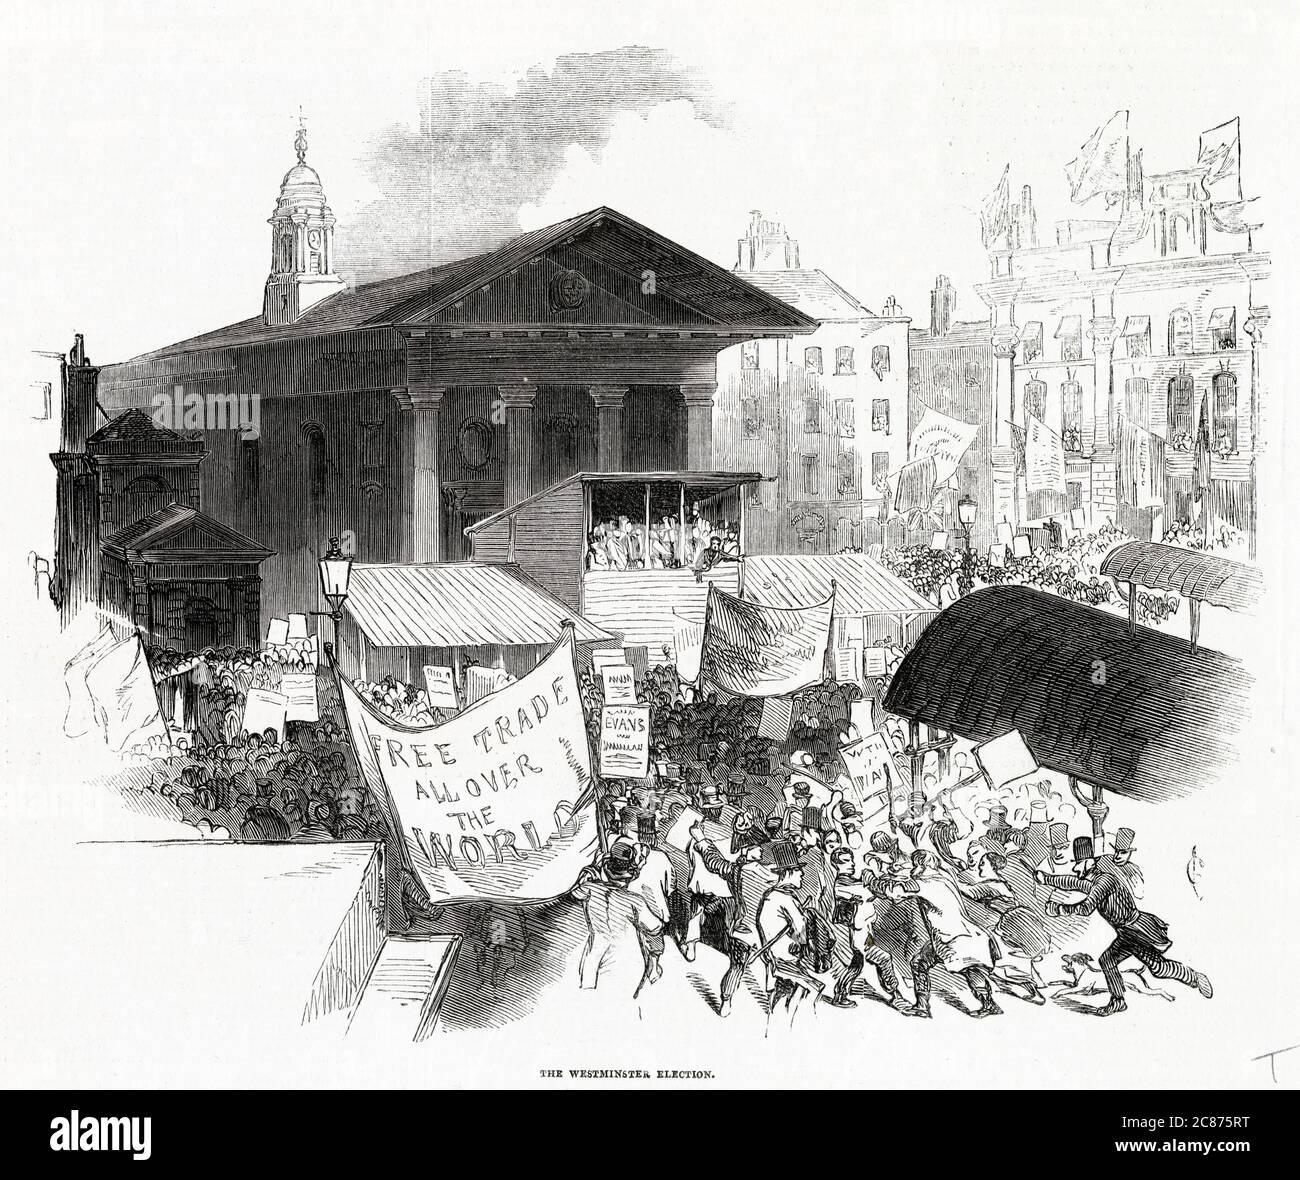 L'élection de Westminster, où le libre-échange est le principal numéro Date : 1846 Banque D'Images